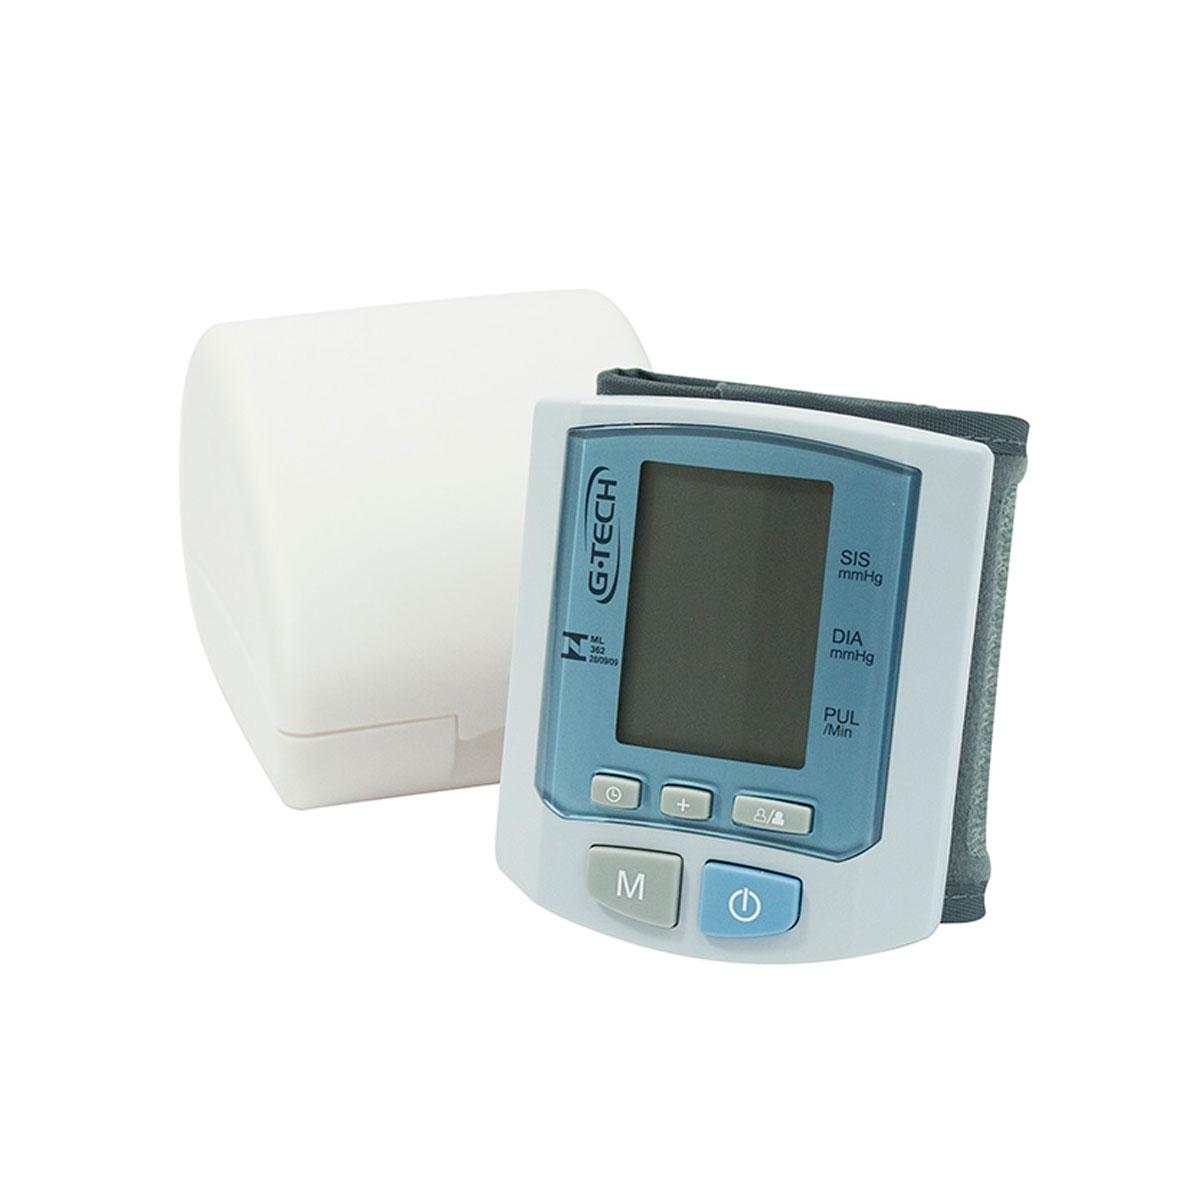 Aparelho De Pressão Digital Automático De Pulso Rw450 - G-Tech